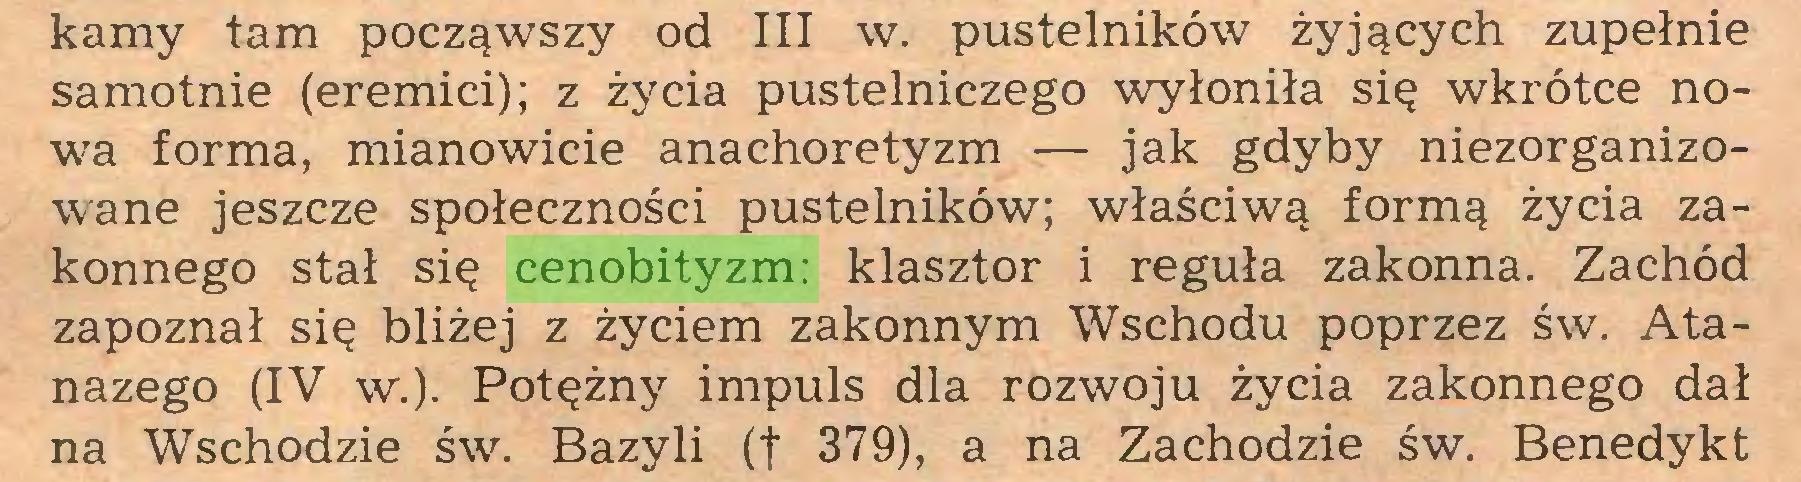 (...) kamy tam począwszy od III w. pustelników żyjących zupełnie samotnie (eremici); z życia pustelniczego wyłoniła się wkrótce nowa forma, mianowicie anachoretyzm — jak gdyby niezorganizowane jeszcze społeczności pustelników; właściwą formą życia zakonnego stał się cenobityzm: klasztor i reguła zakonna. Zachód zapoznał się bliżej z życiem zakonnym Wschodu poprzez św. Atanazego (IV w.). Potężny impuls dla rozwoju życia zakonnego dał na Wschodzie św. Bazyli (f 379), a na Zachodzie św. Benedykt...